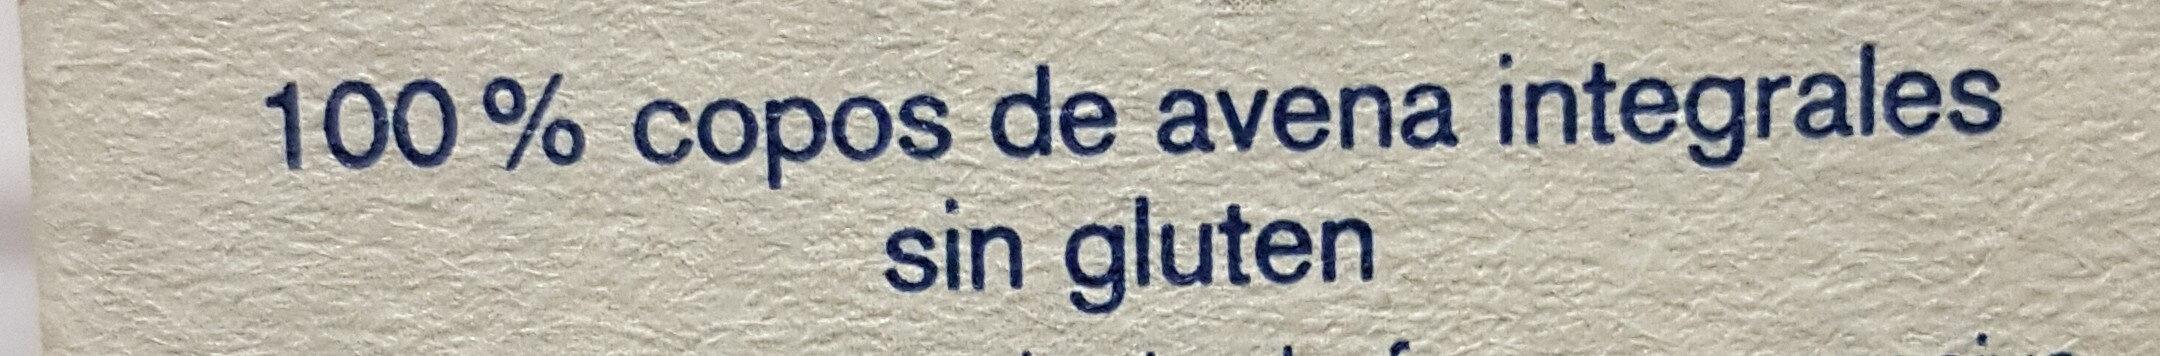 Kolln copos - Ingredientes - fr